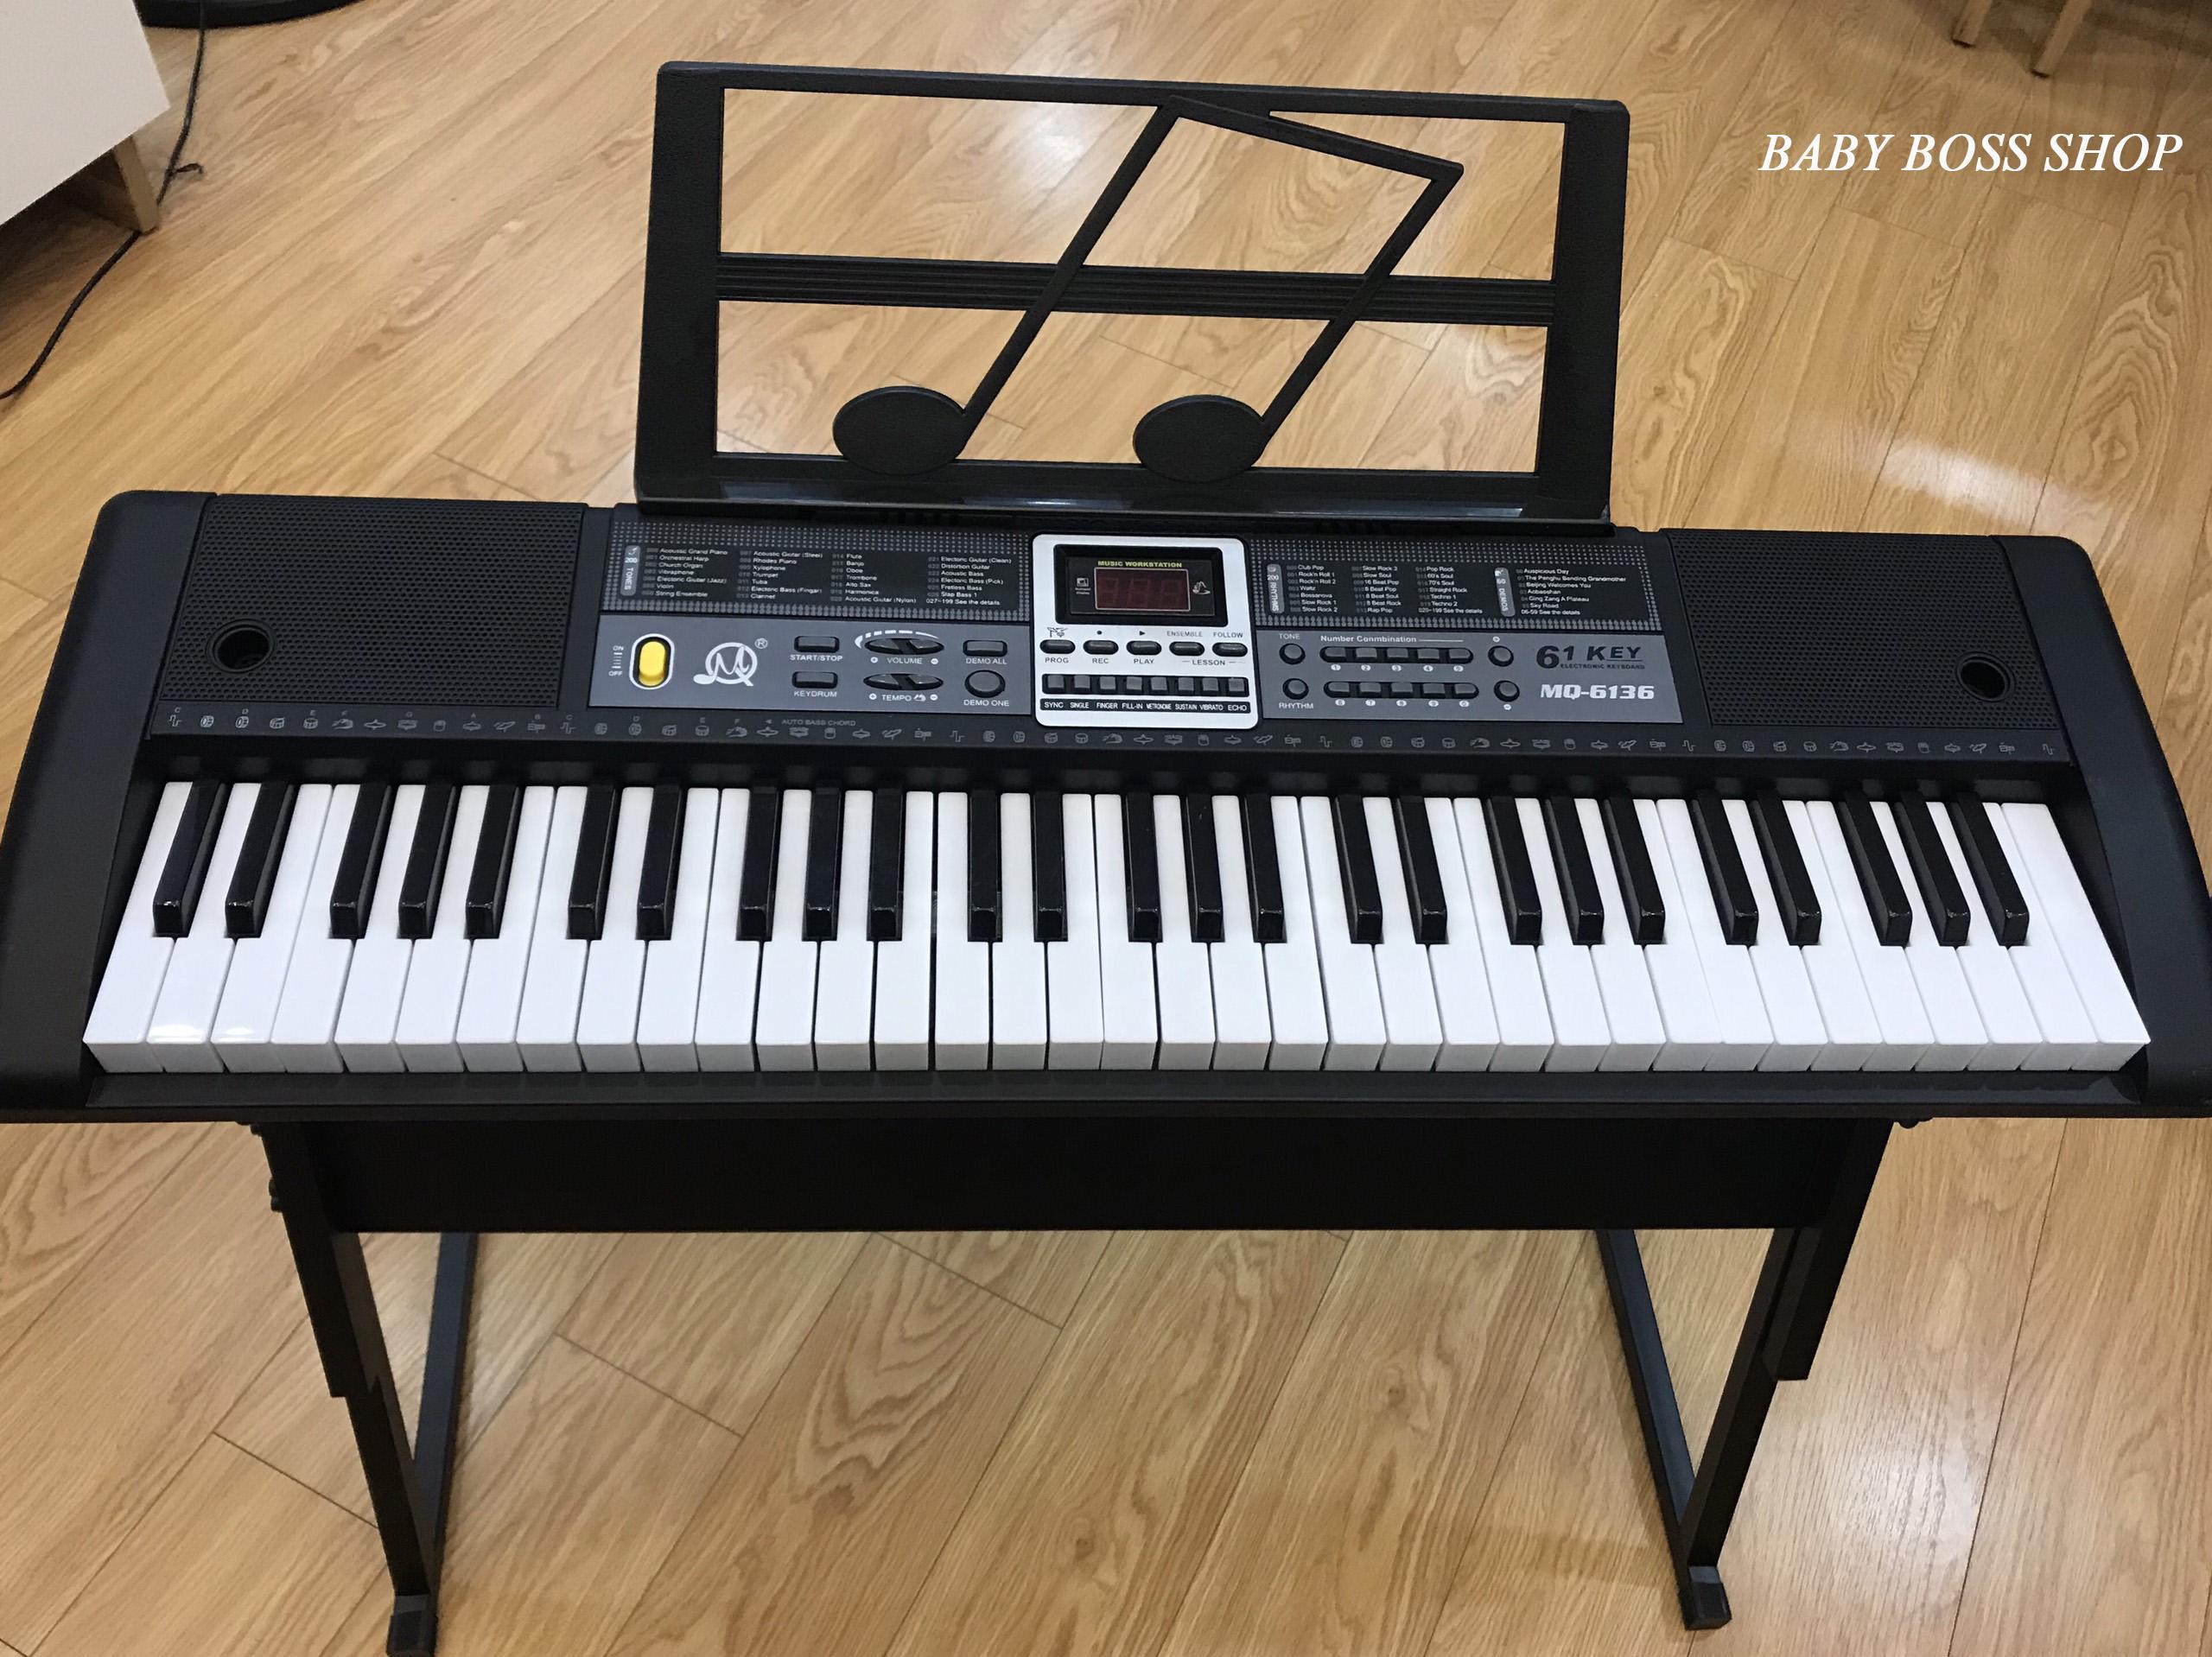 Đàn Piano Đàn Organ Electronic Keyboard Đàn 61 Phím Đàn điện Cho Người Mới Học đàn Với Giá Sốc